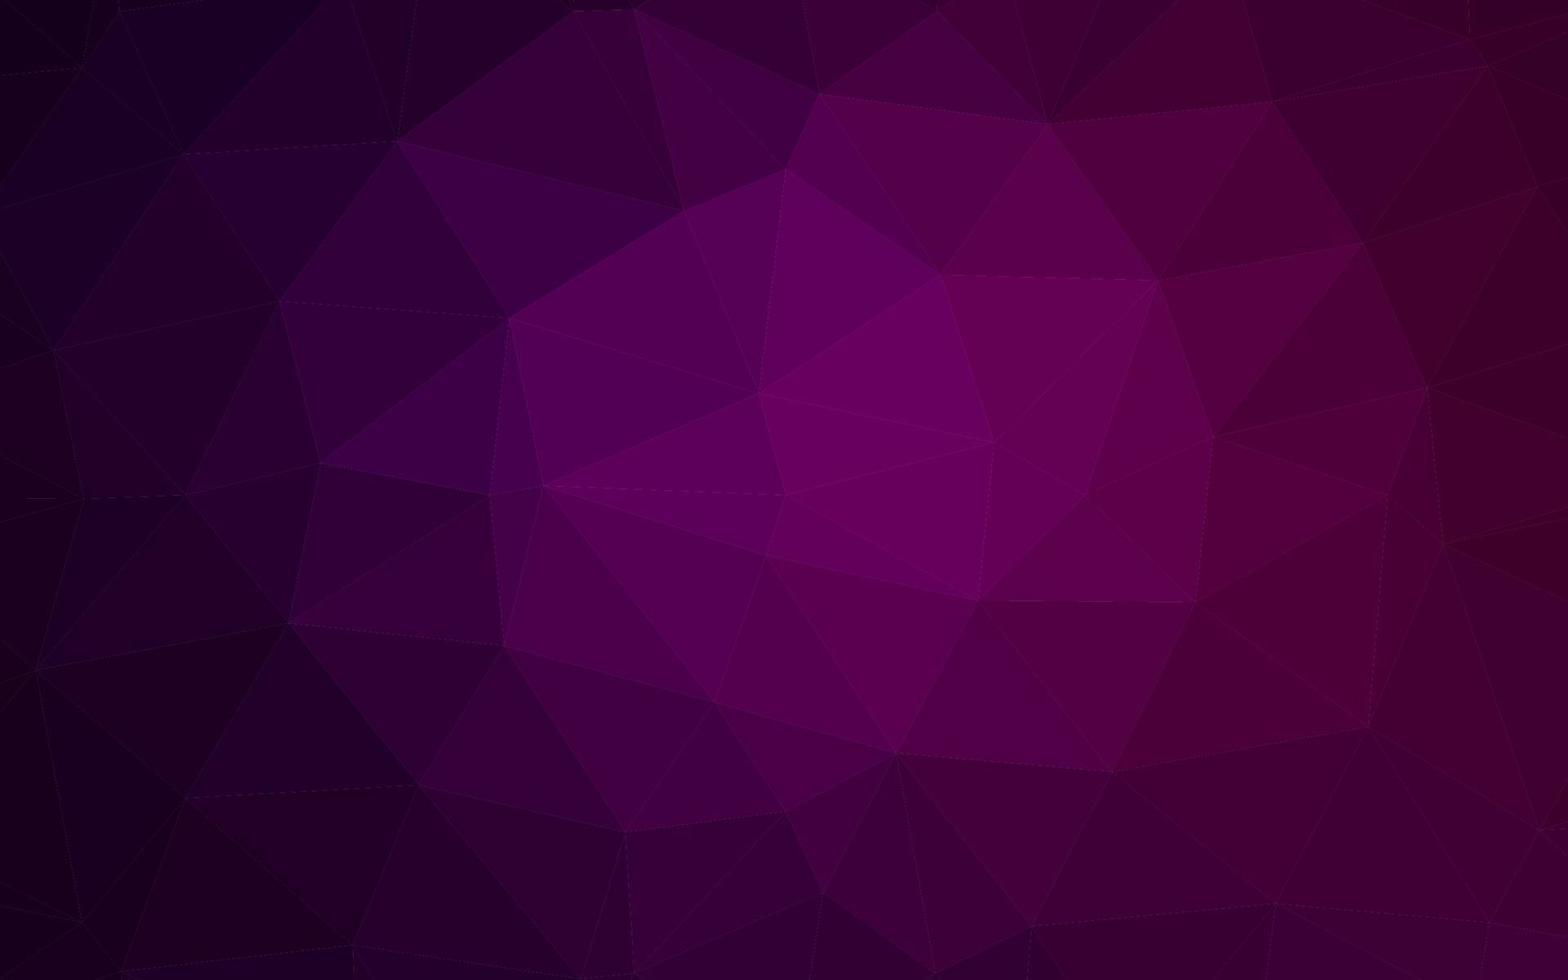 modelo de mosaico de triângulo de vetor roxo escuro.